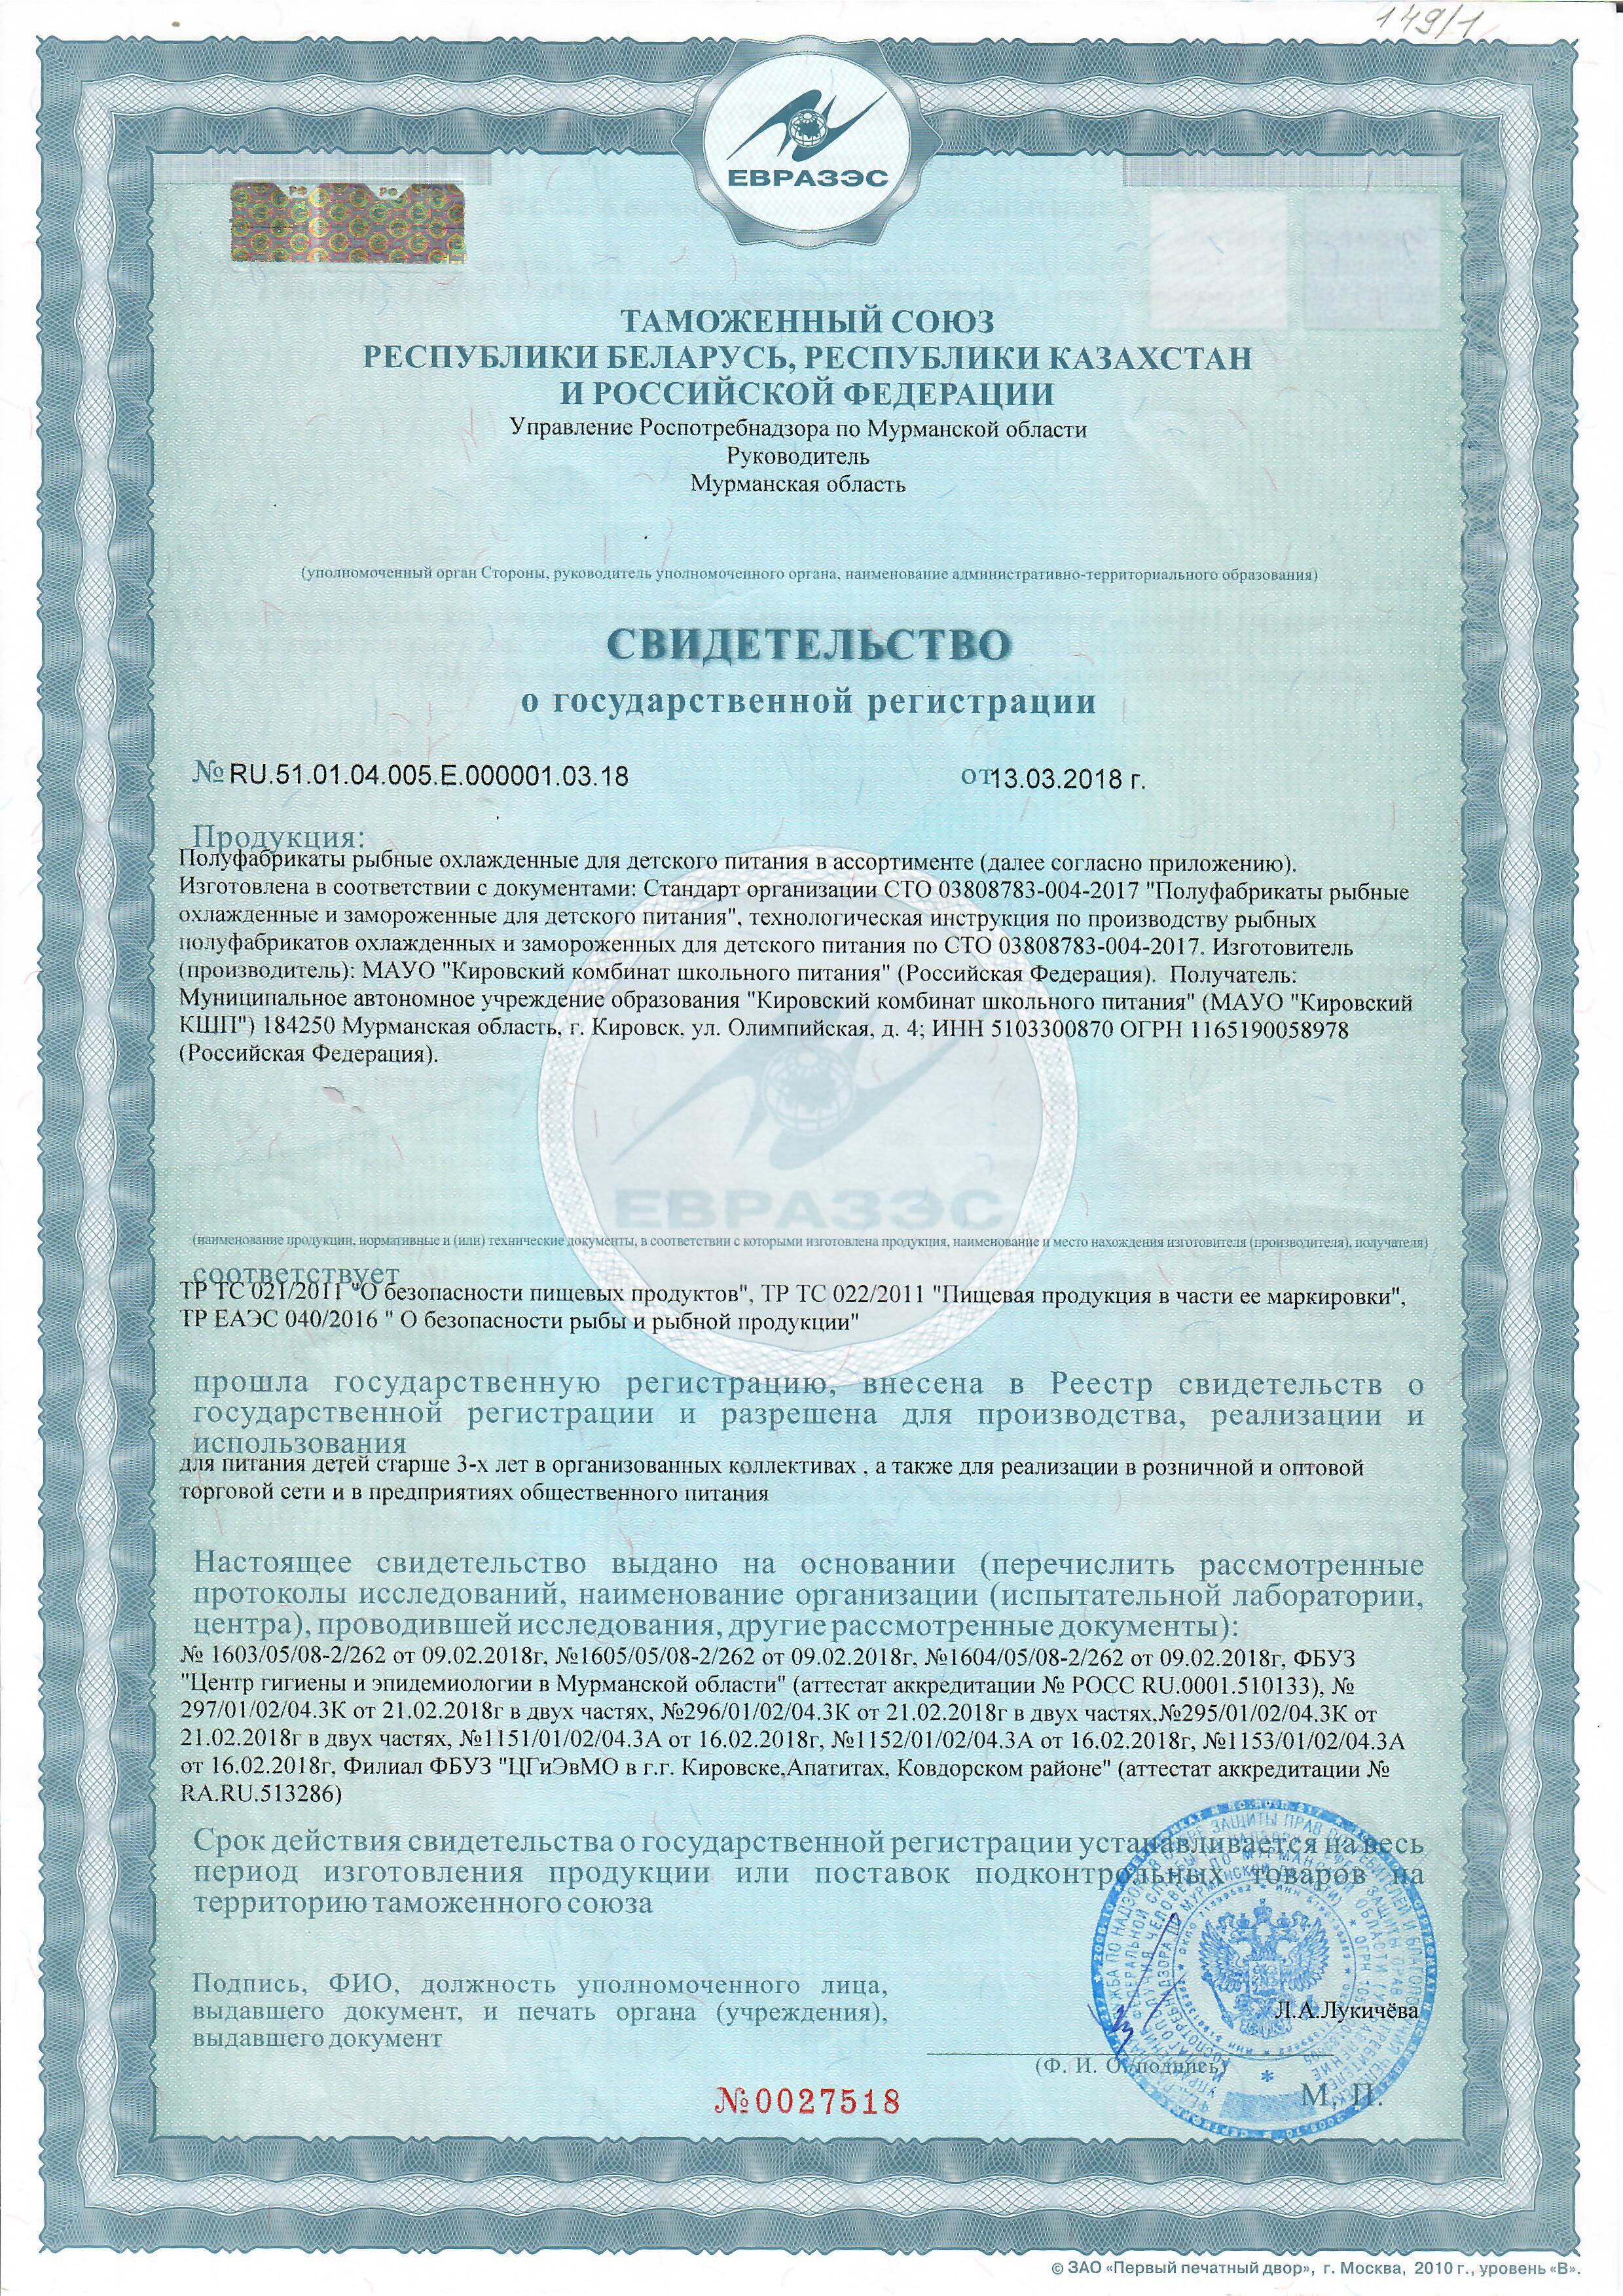 Свидетельство о государственной регистрации_ рыбная продукция